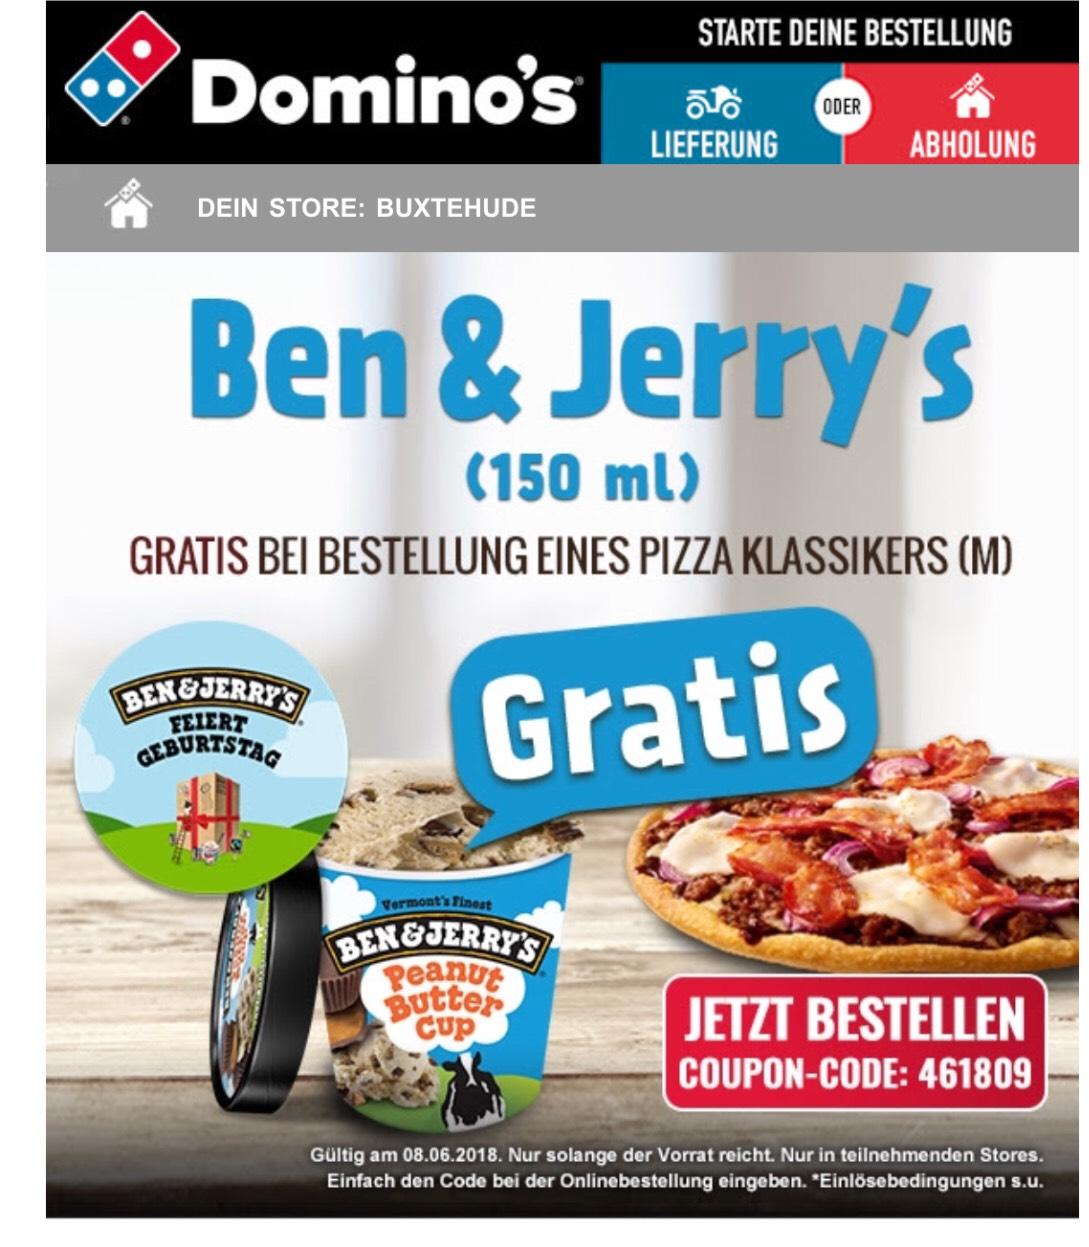 Gratis Ben&Jerrys (150ml) Eis bei Bestellung einer Klassik-Pizza